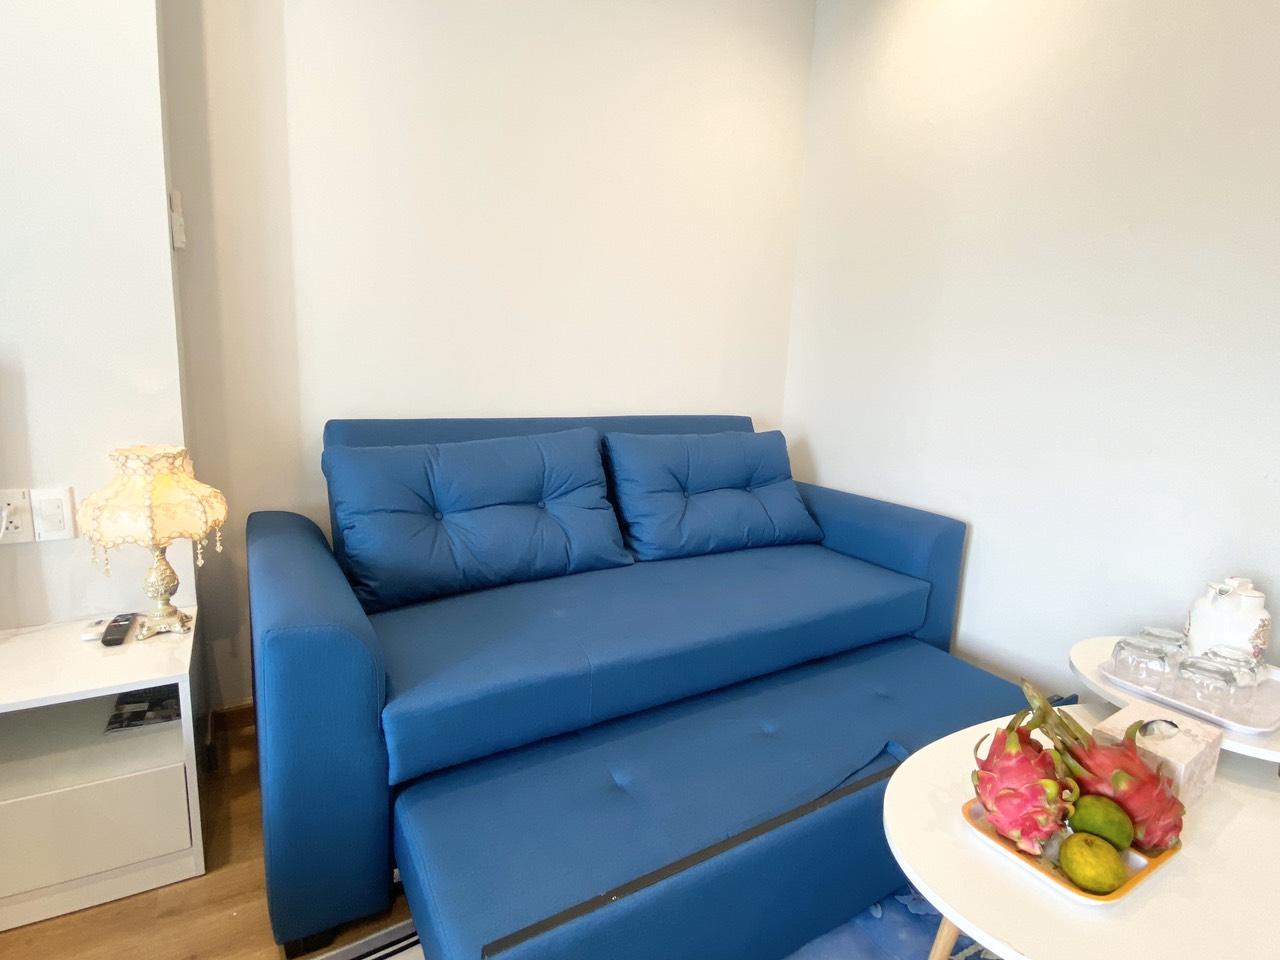 bàn ghế phòng Studio B2105 Green bay garden